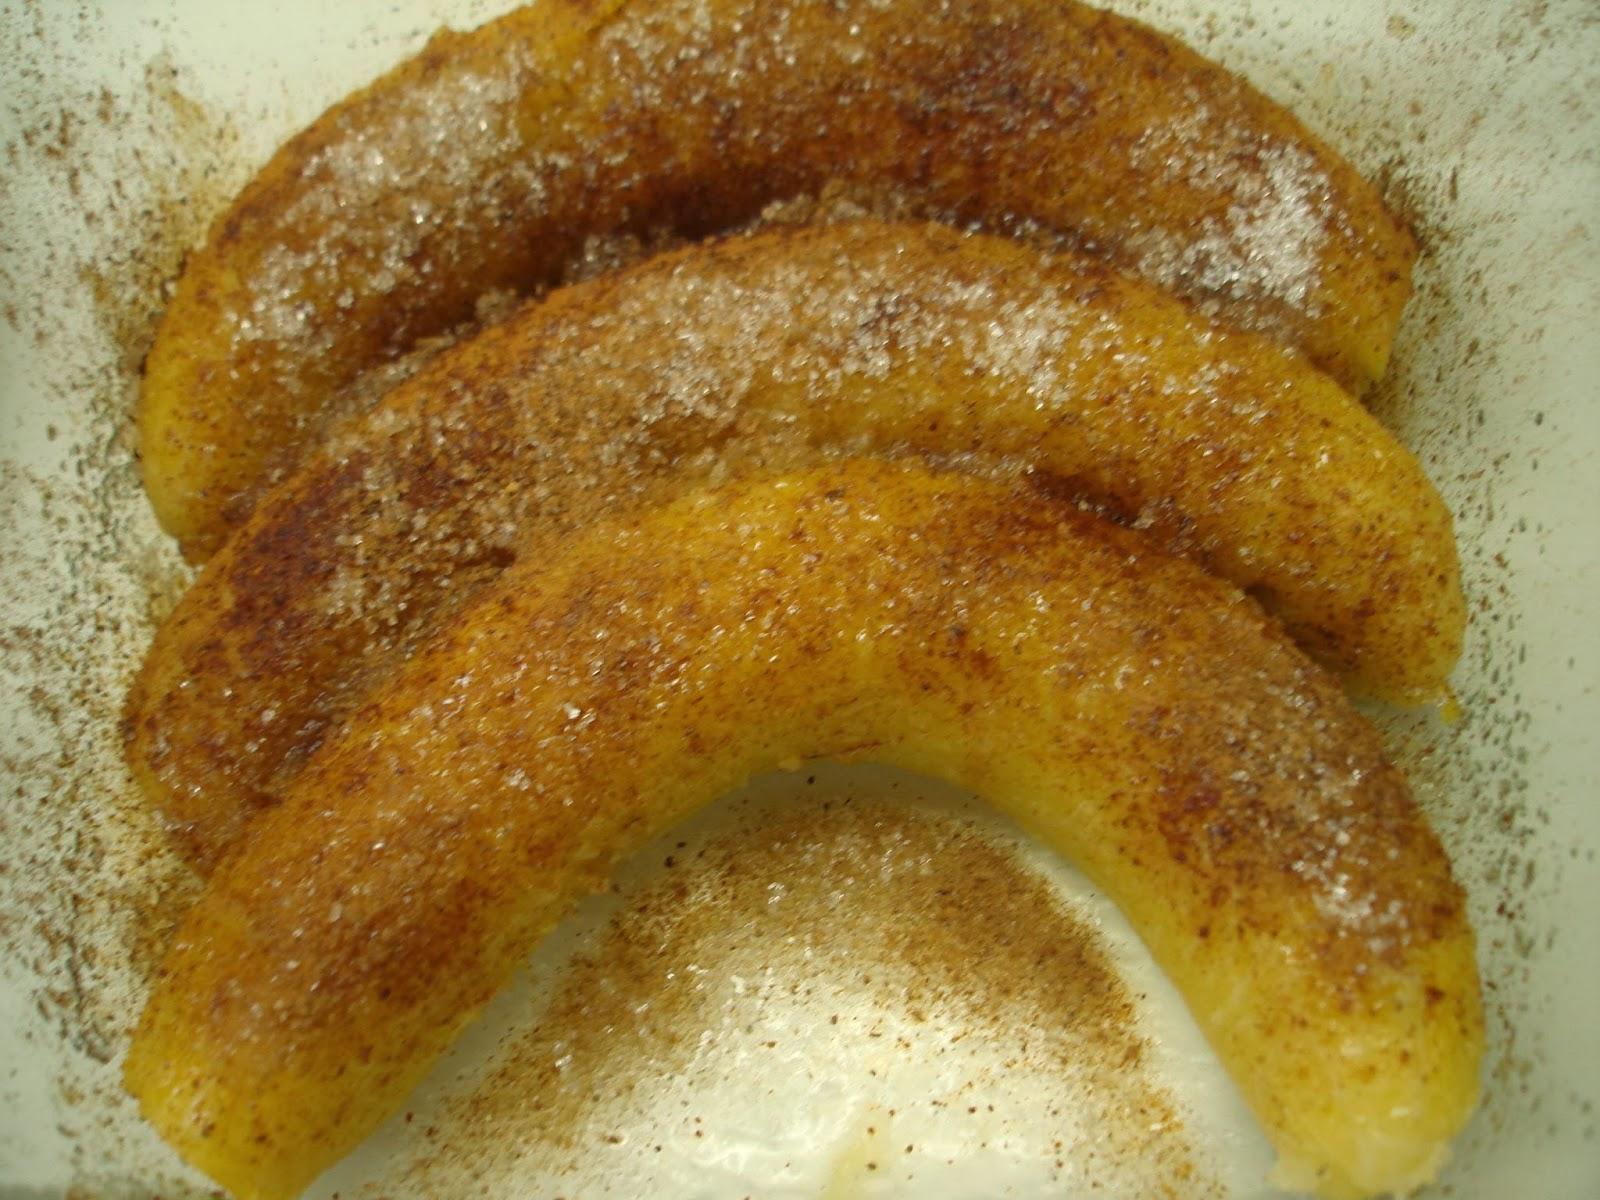 Muito Doce Lar: BANANA, cozida, assada ou frita e em qualquer receita: é  SN48